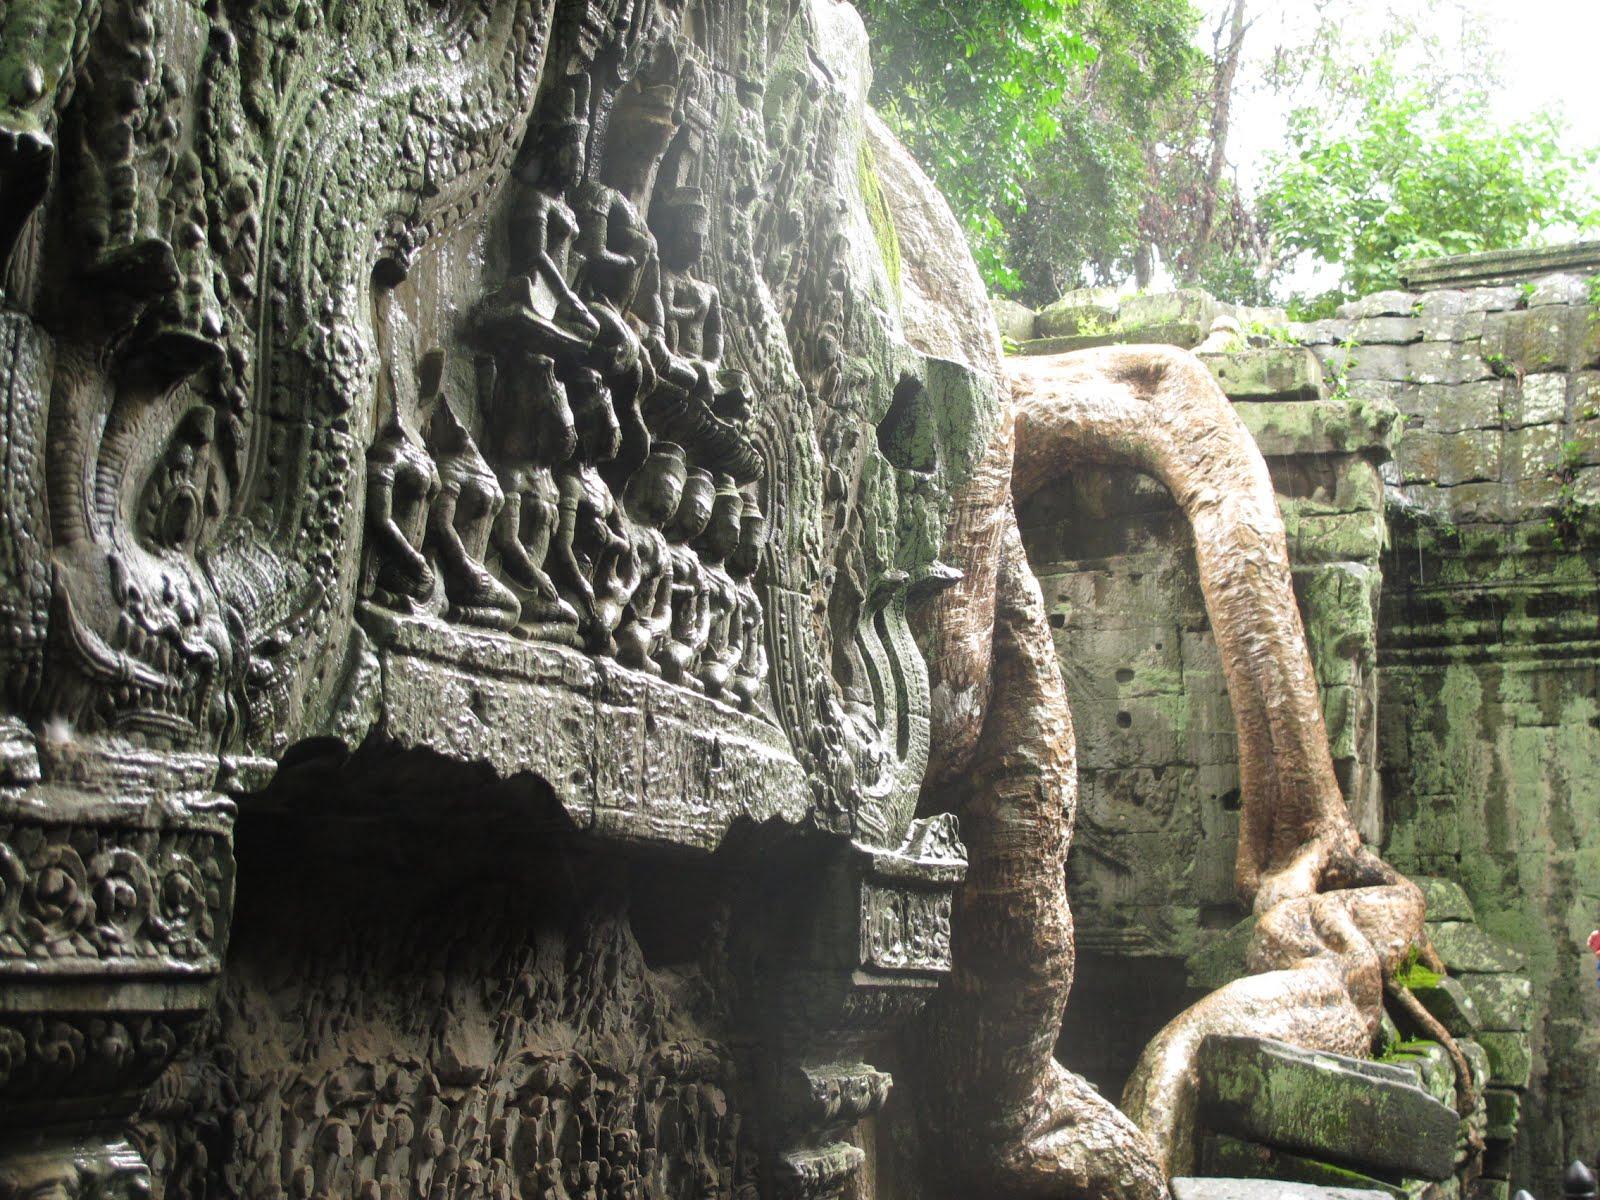 cambogia 2016